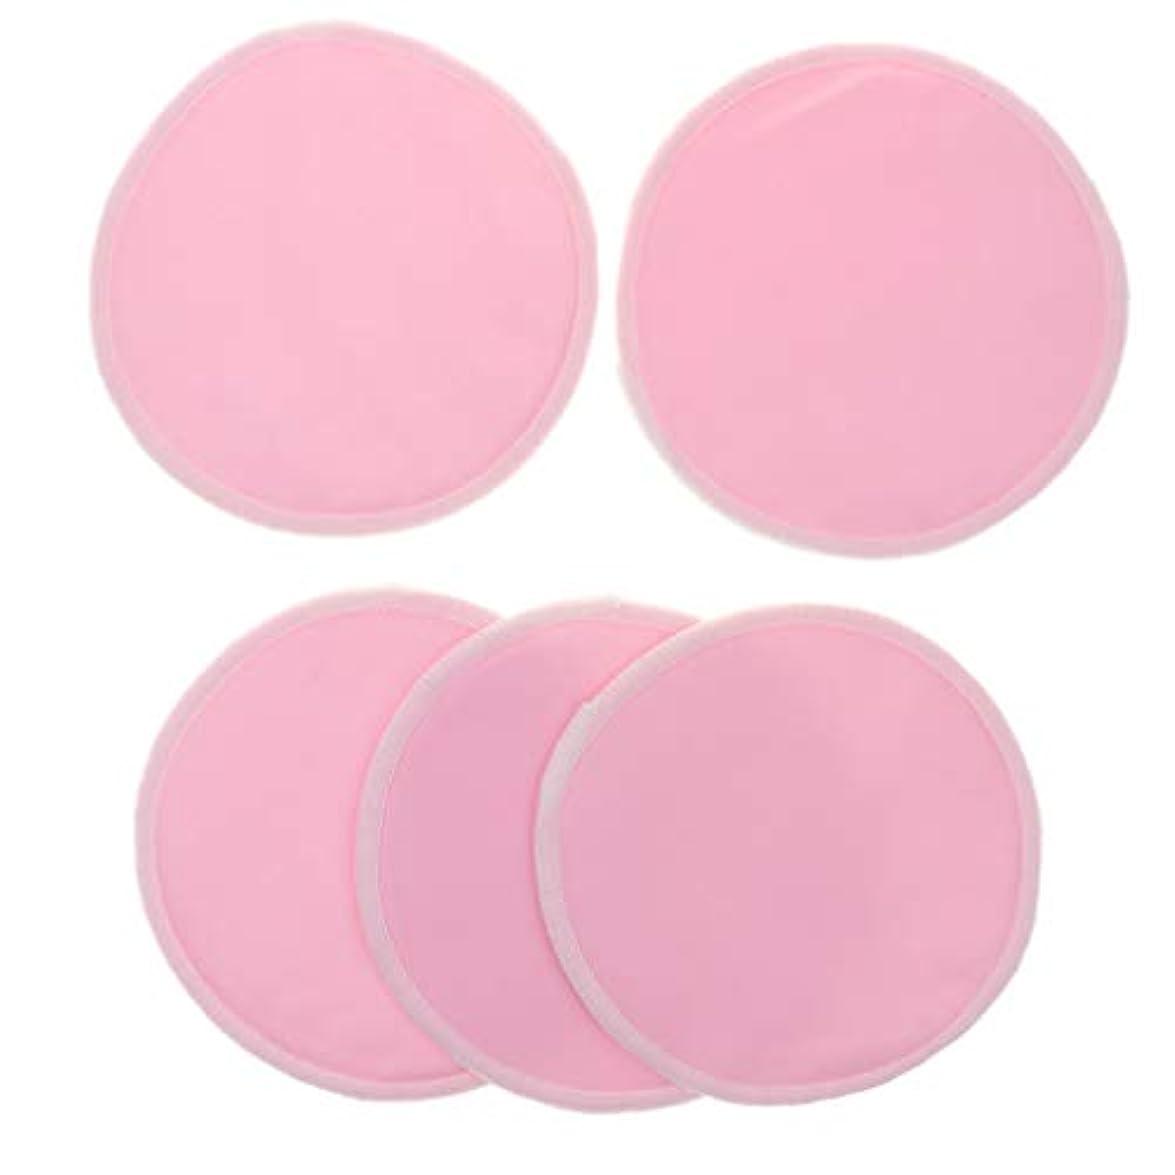 常に内部爆発12cm 胸パッド クレンジングシート 化粧水パッド 竹繊維 円形 洗える 通気性 5個 全5色 - ピンク